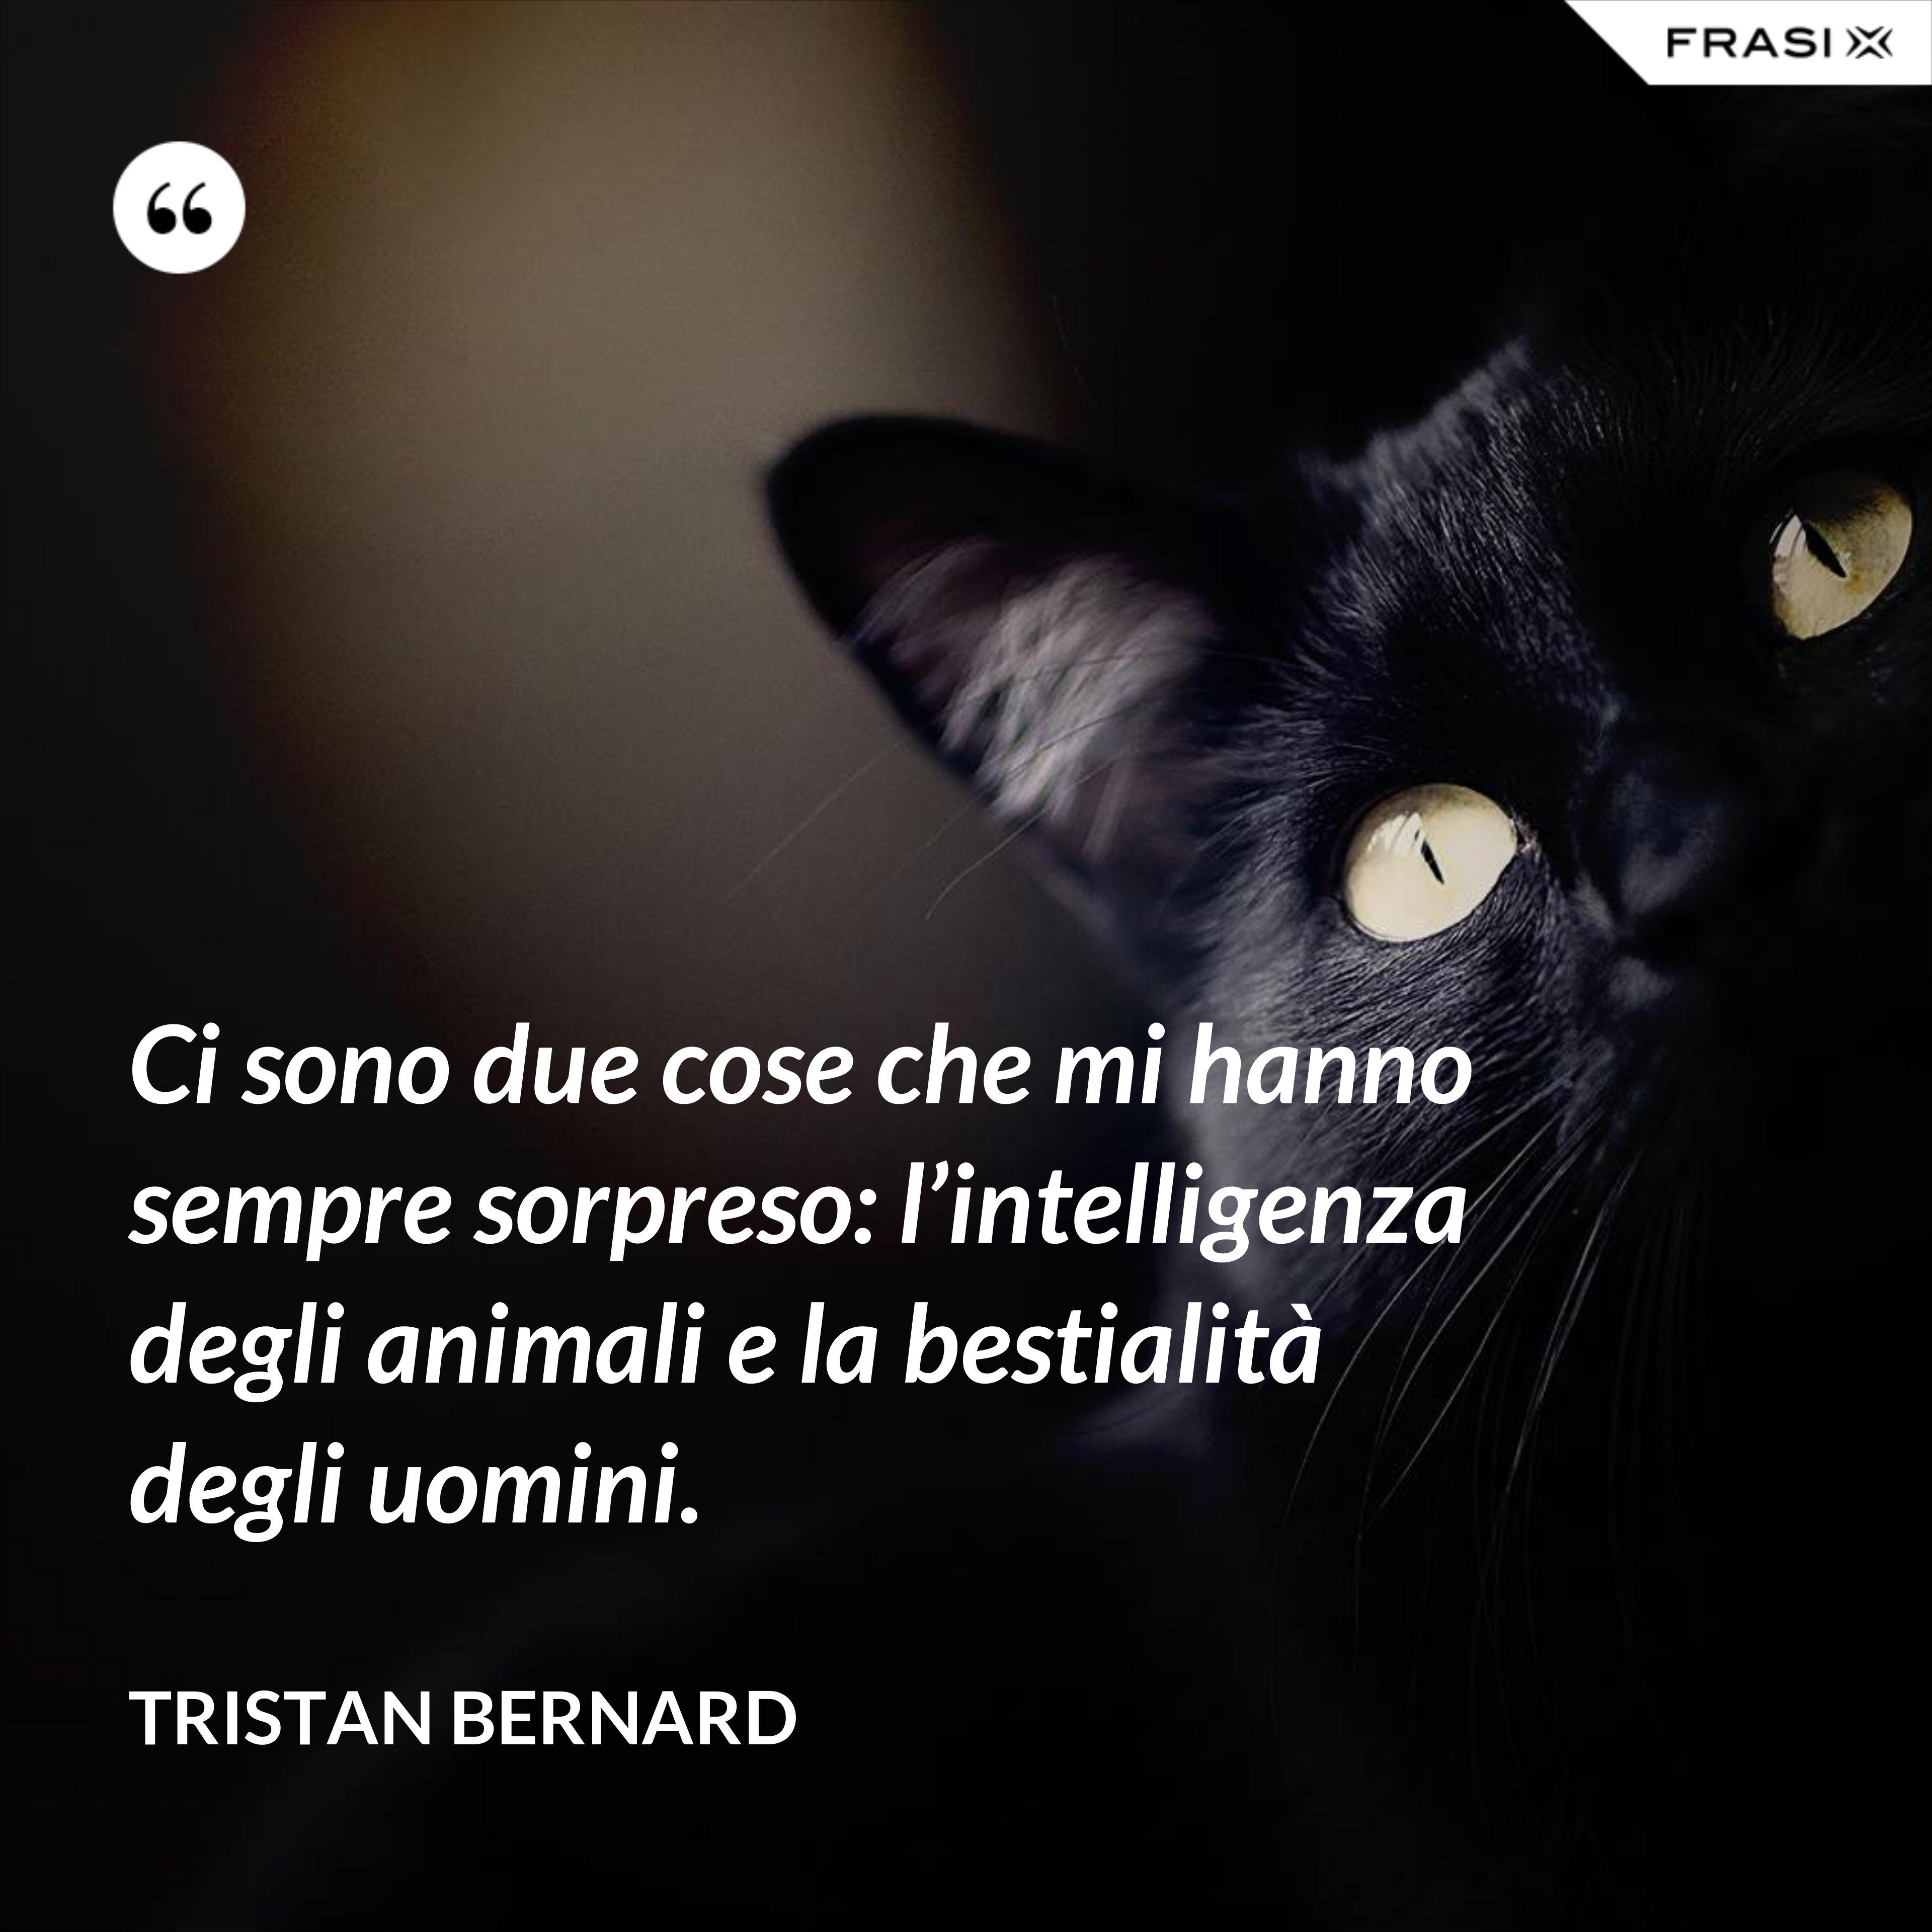 Ci sono due cose che mi hanno sempre sorpreso: l'intelligenza degli animali e la bestialità degli uomini. - Tristan Bernard